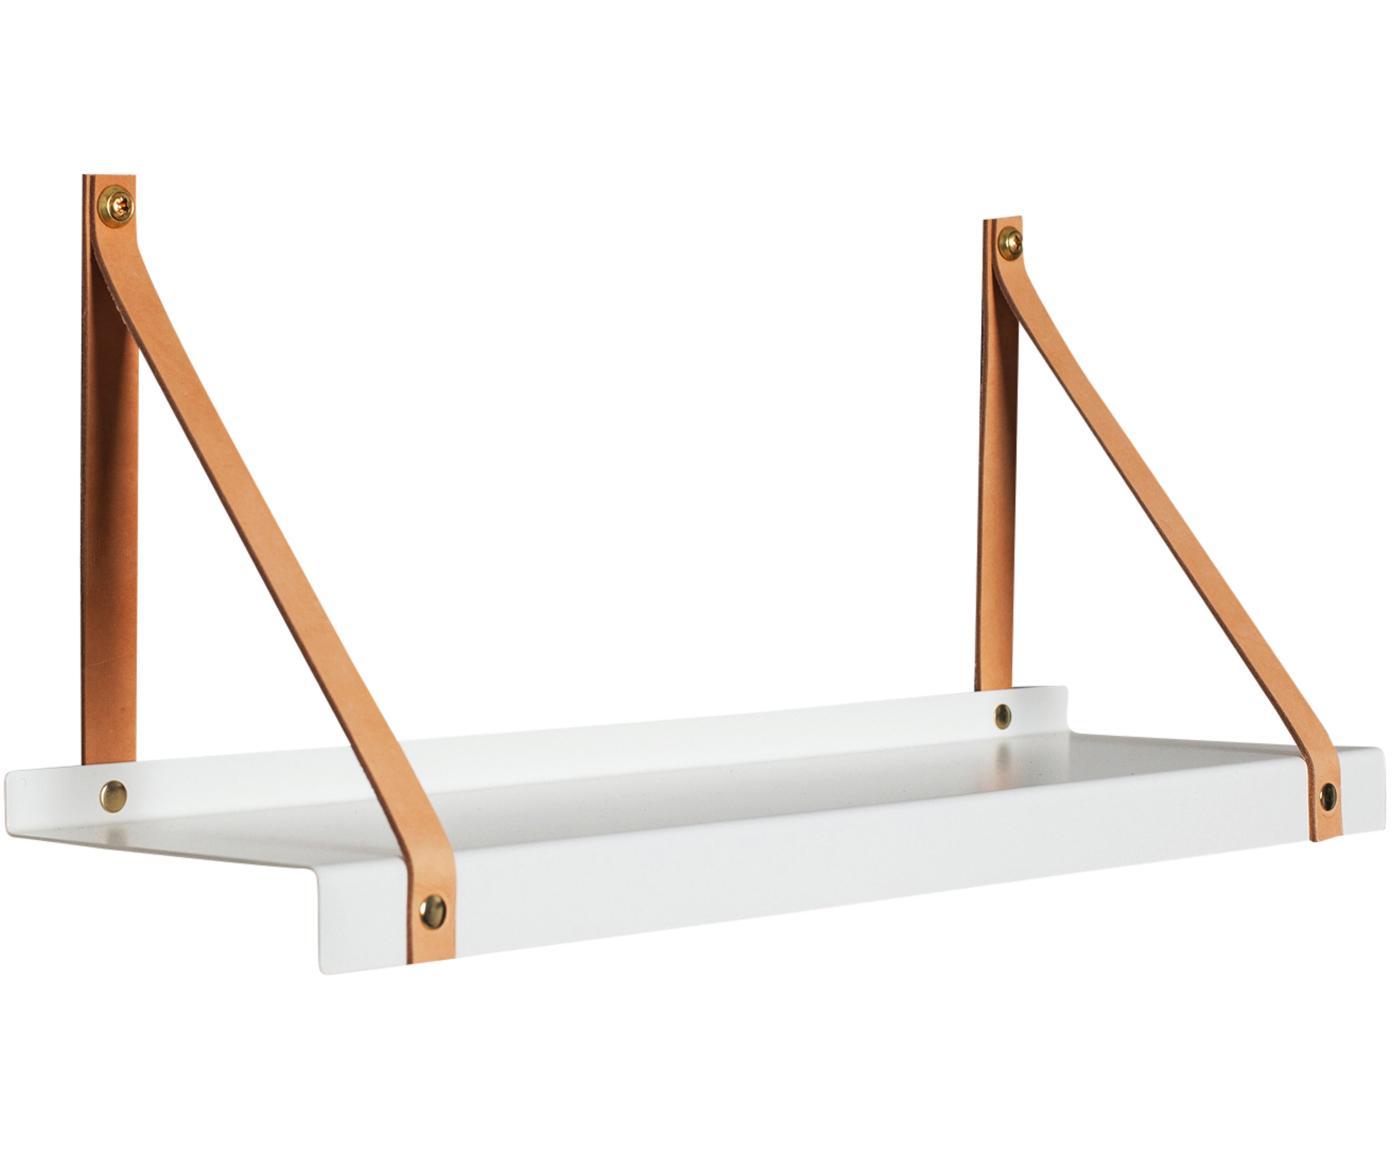 Wandplank Shelfie, Plank: gepoedercoat metaal, Riemen: leer, Wit, bruin, B 50 x D 15 cm